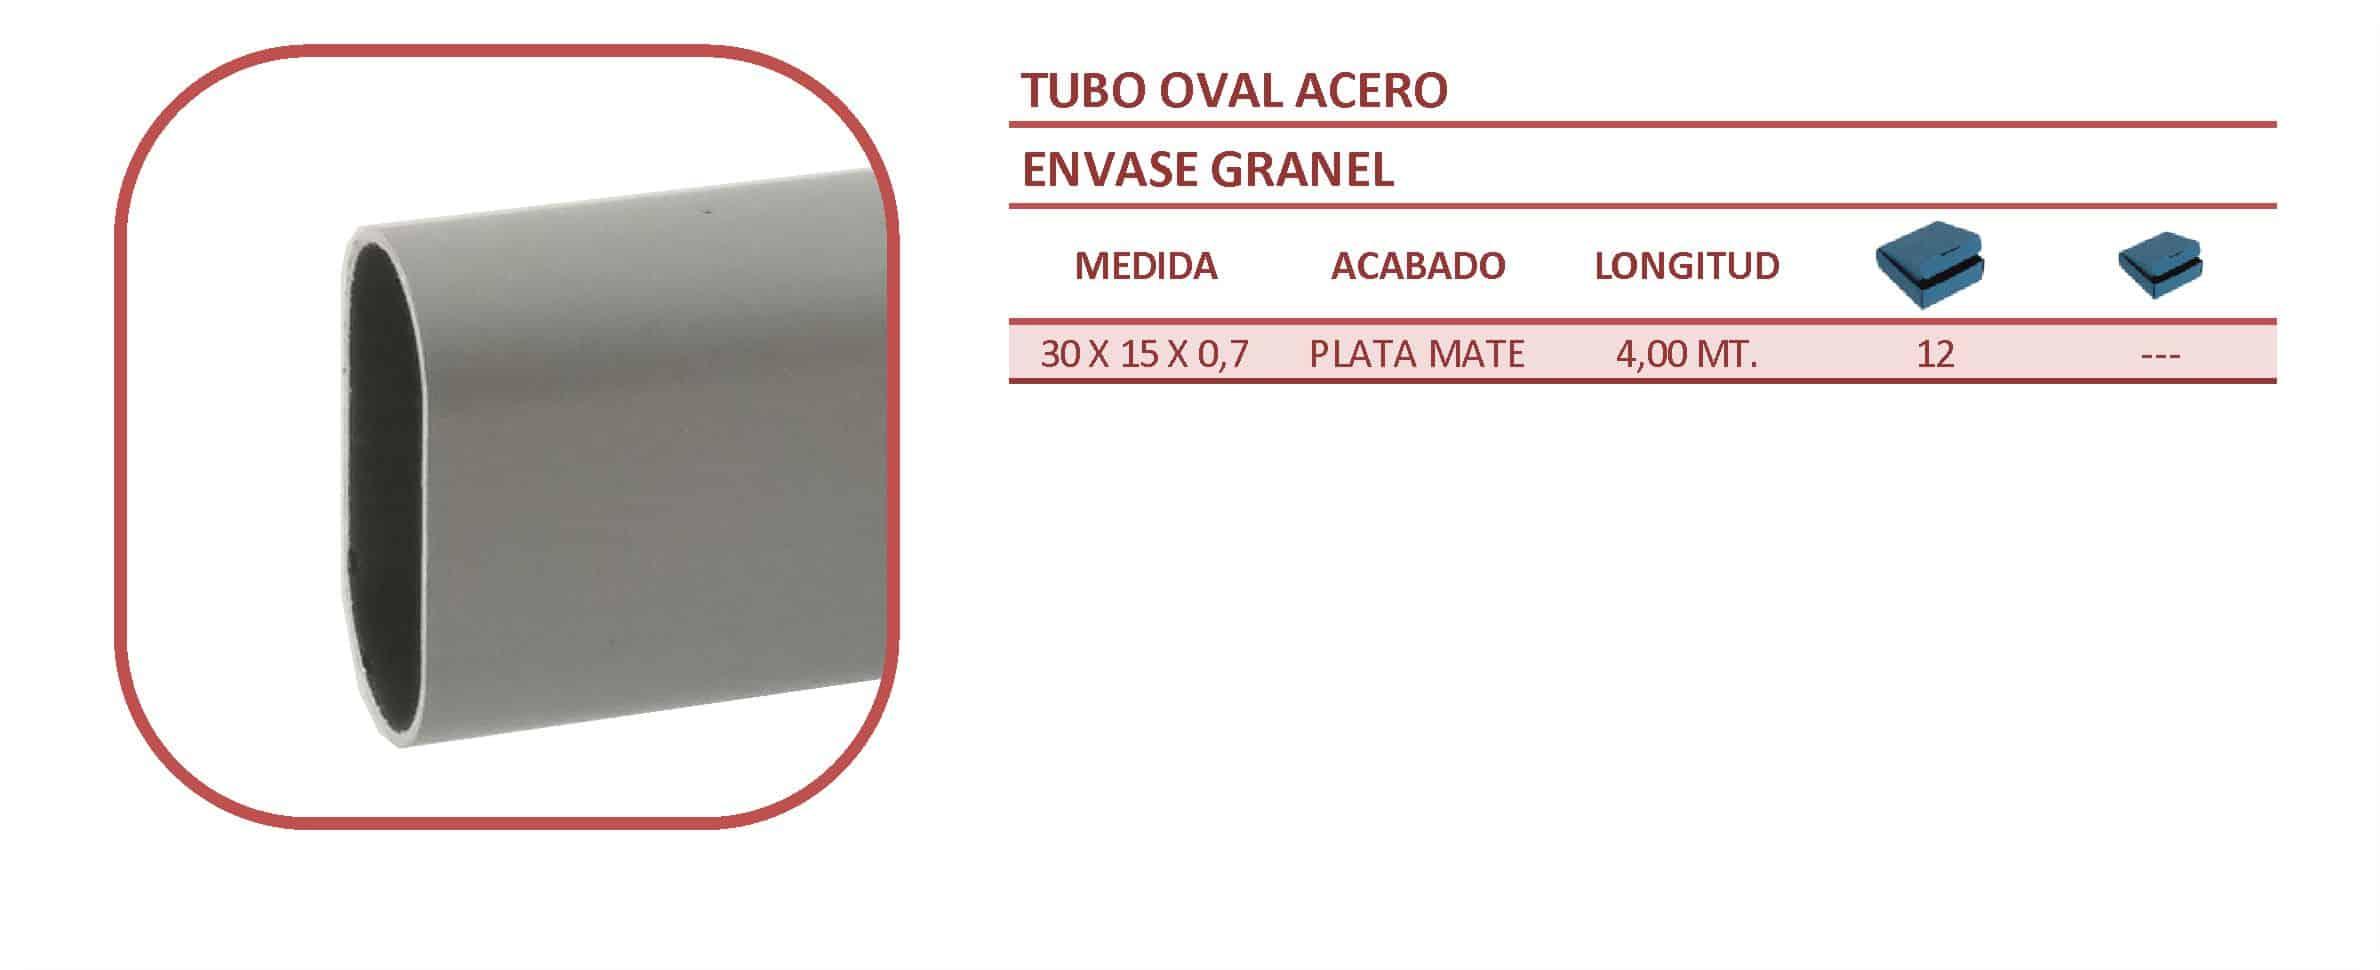 Tubo oval 30x15 acero plata mate para armarios y vestidores